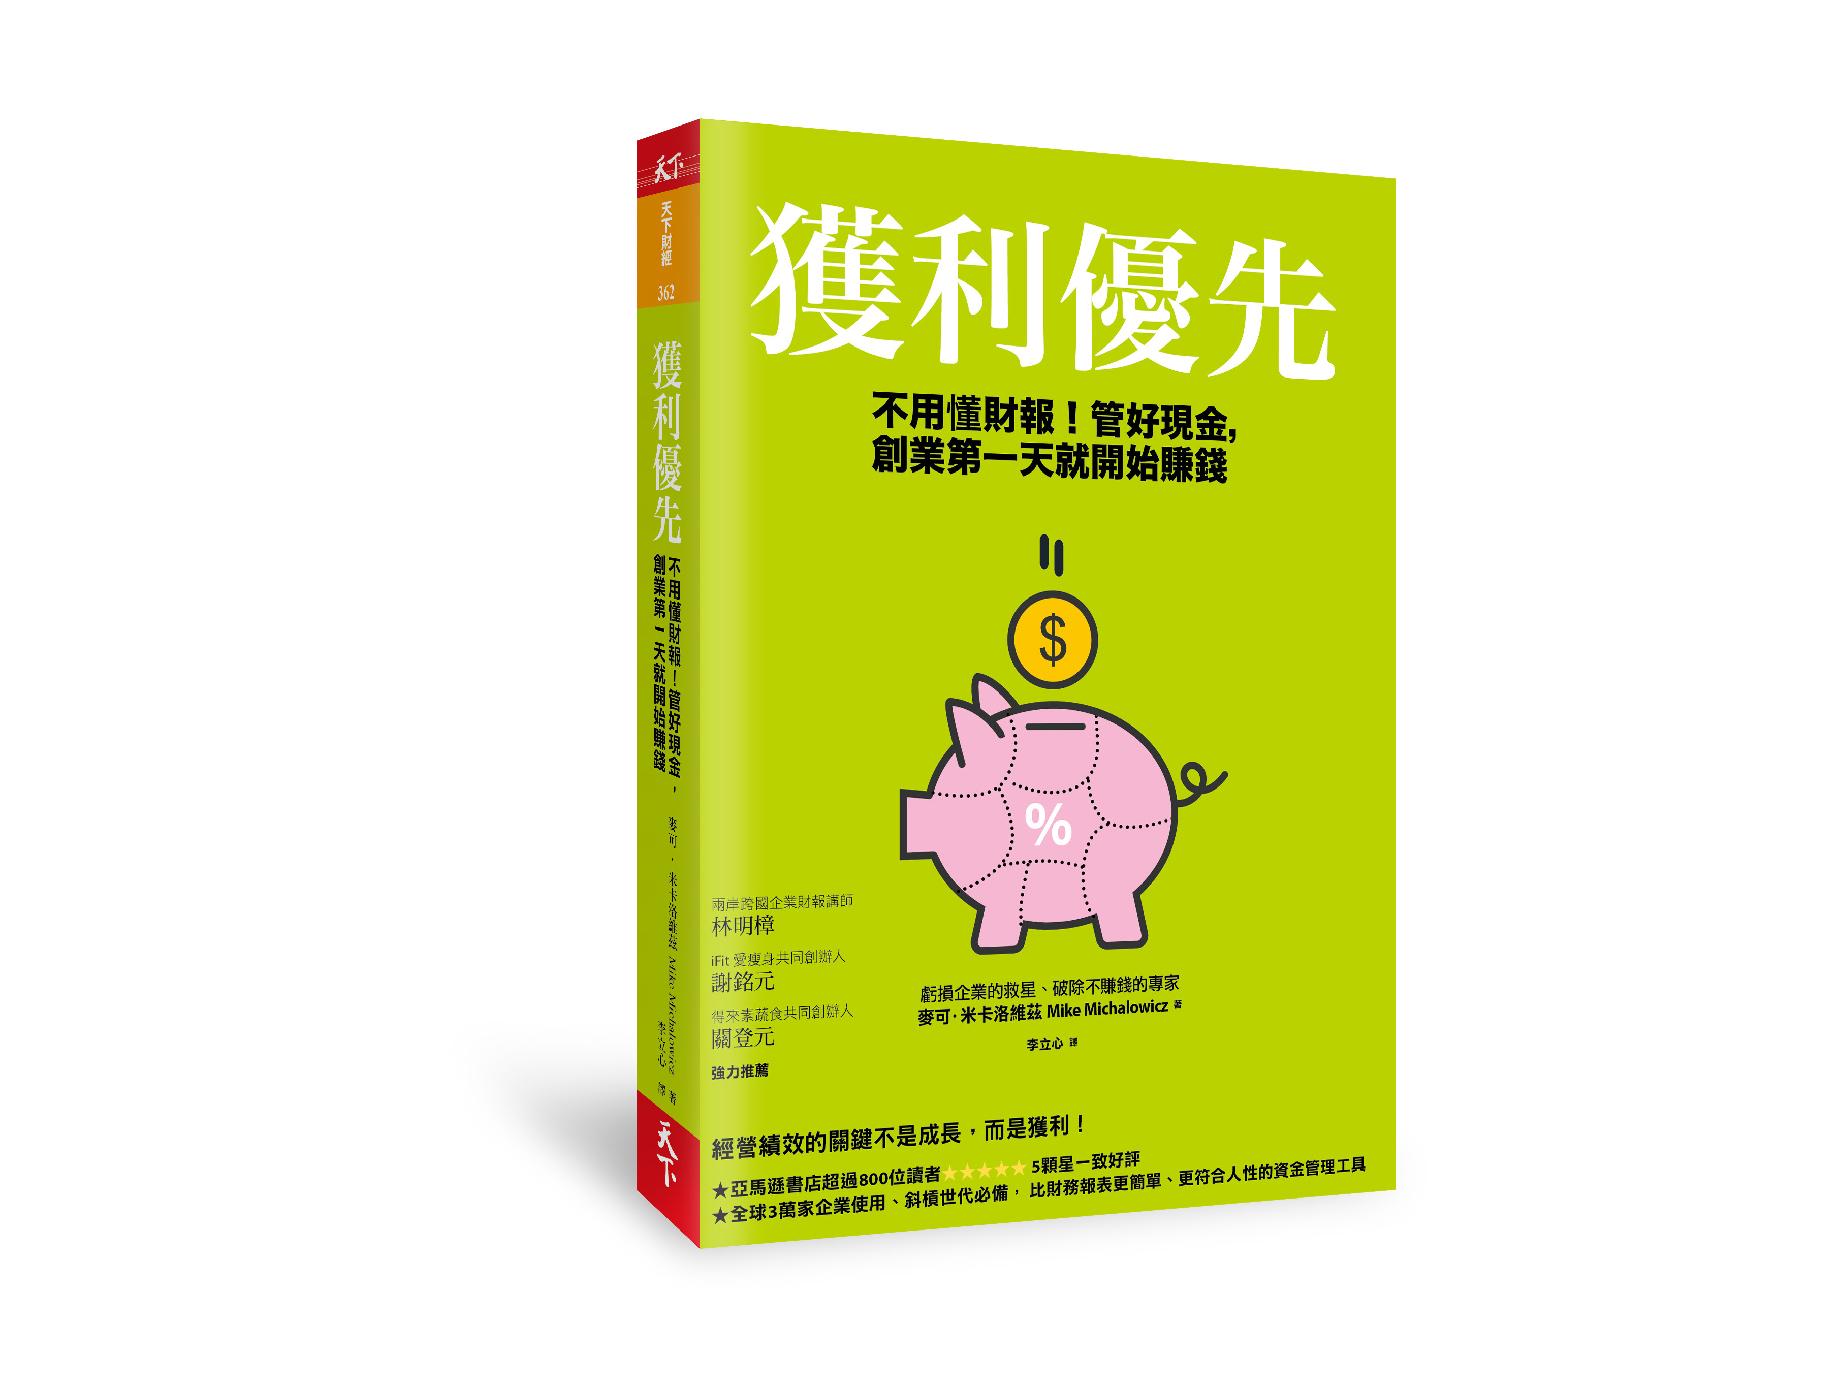 新書搶先看》銷貨收入-「獲利」=費用,4原則打造獲利優先模型